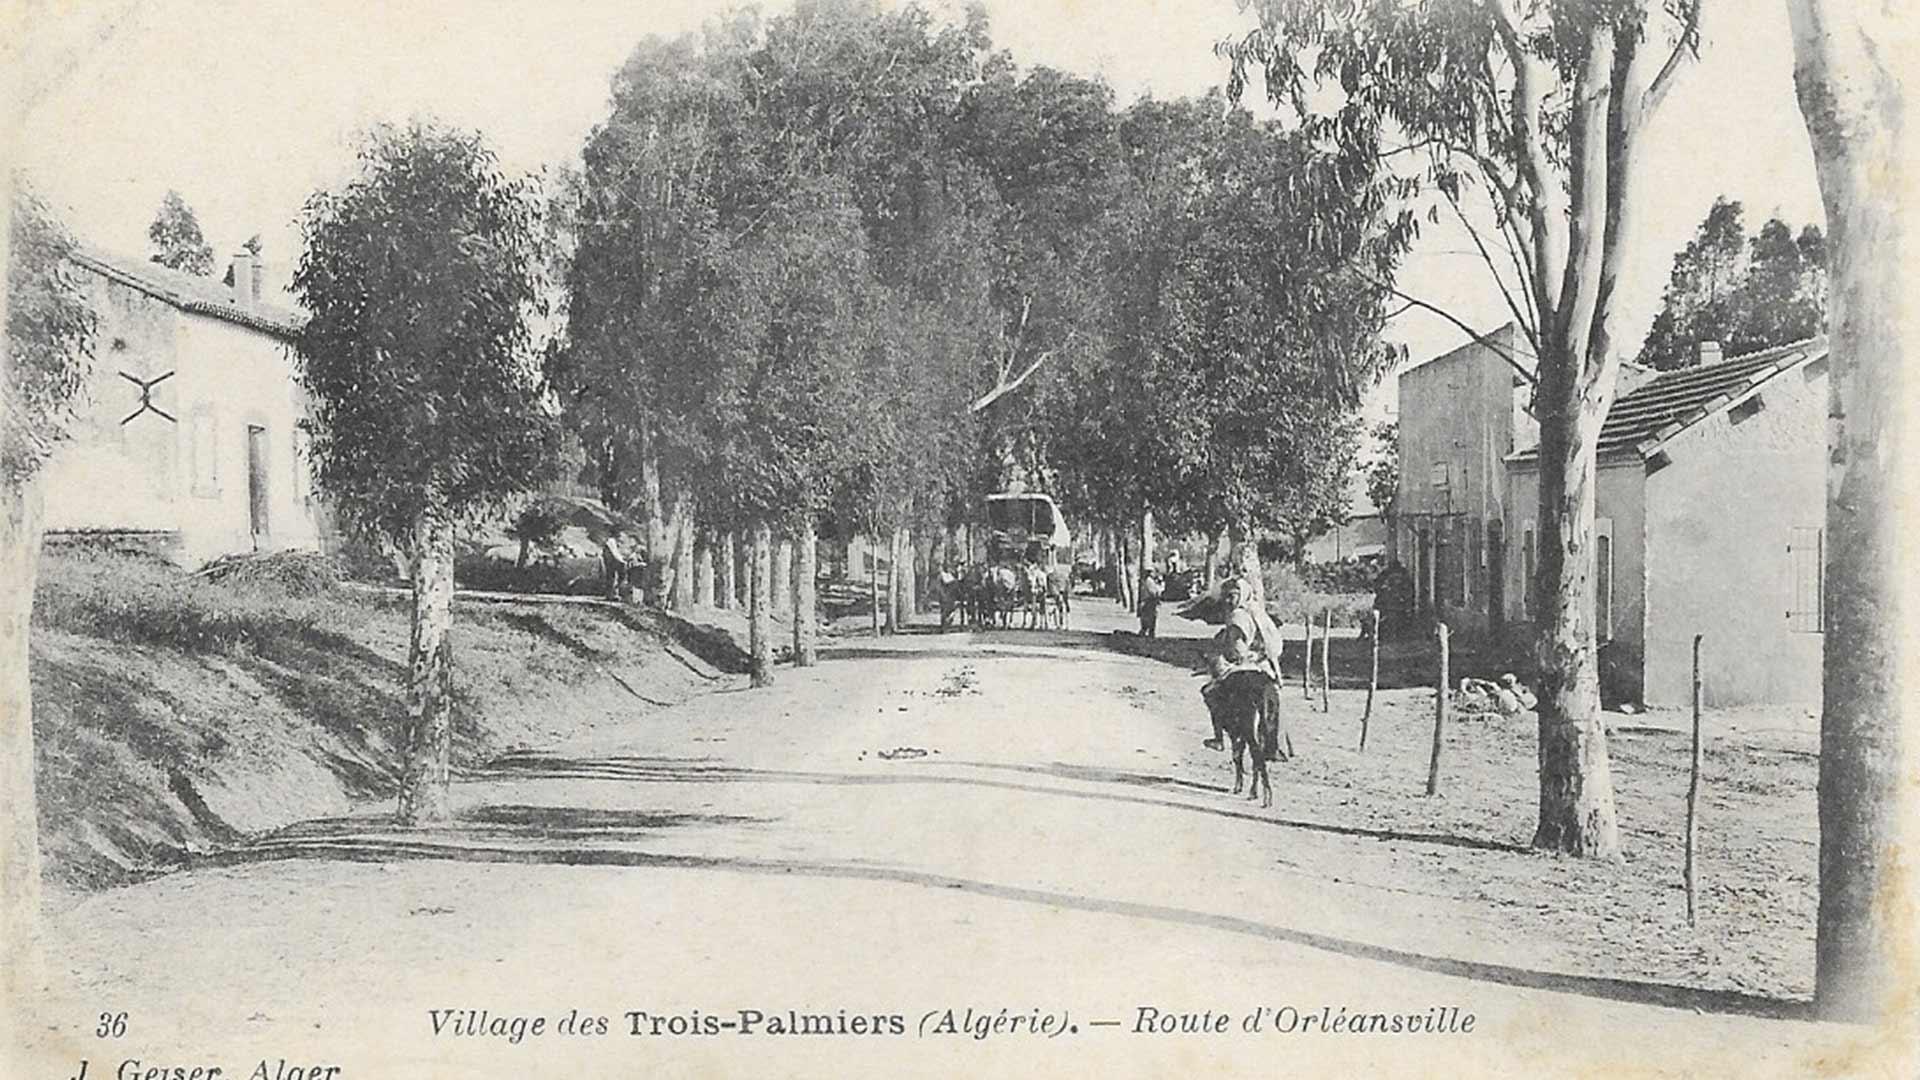 Villages-des-trois-palmiers-route-d'orleansville